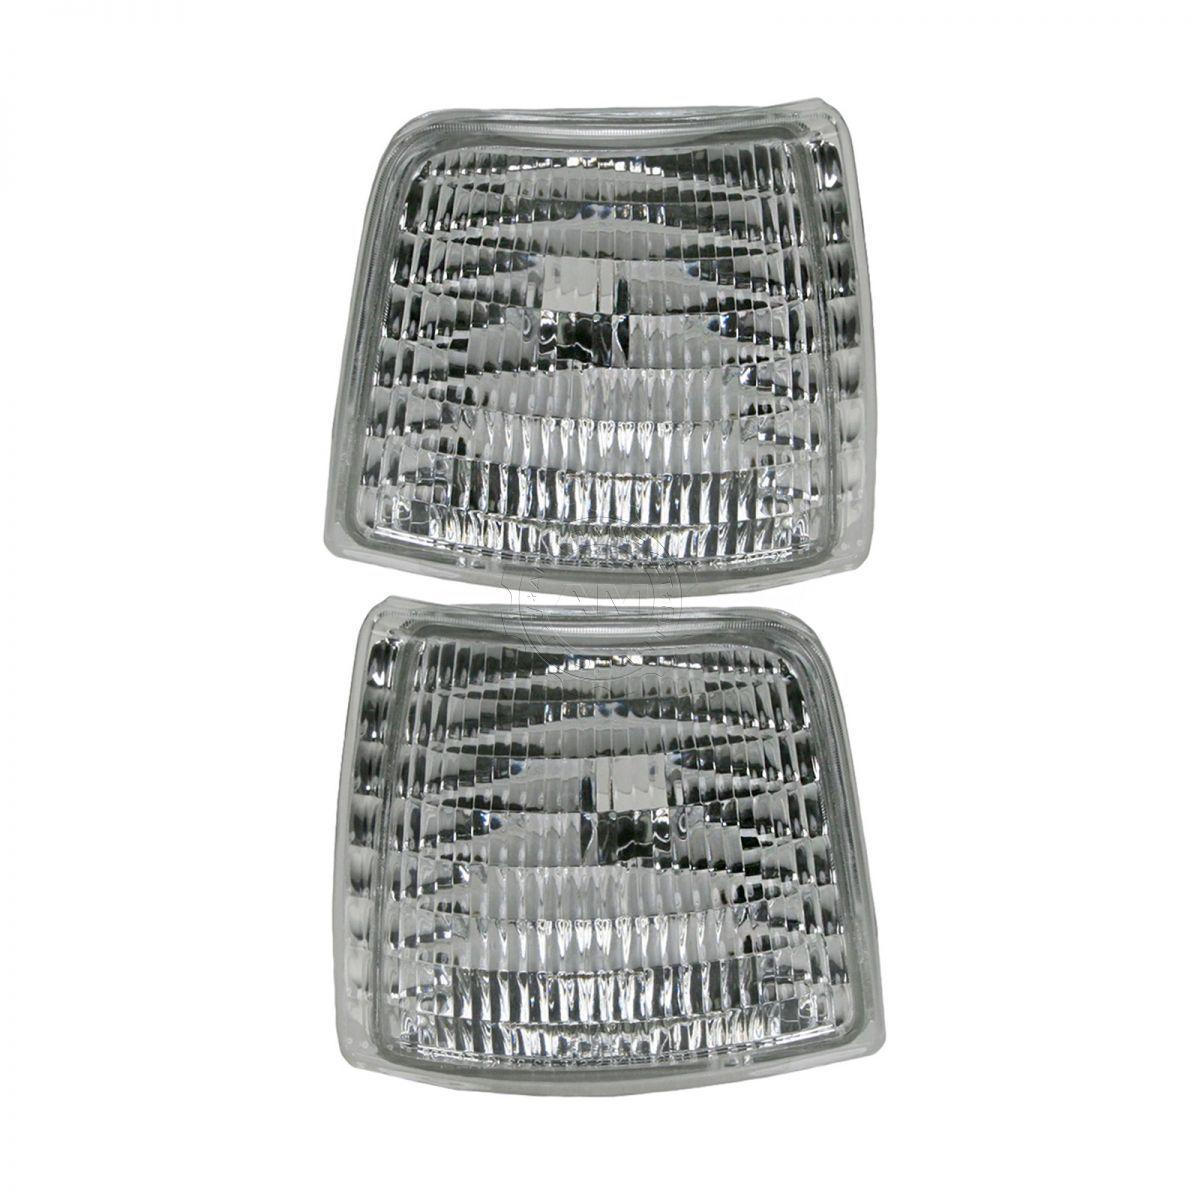 コーナーライト Corner Parking Signal Light Lamp LH & HR Pair Set of 2 for Ford Pickup Bronco コーナーパーキング信号ランプLH& フォードピックアップブロンコのHRペアペア2